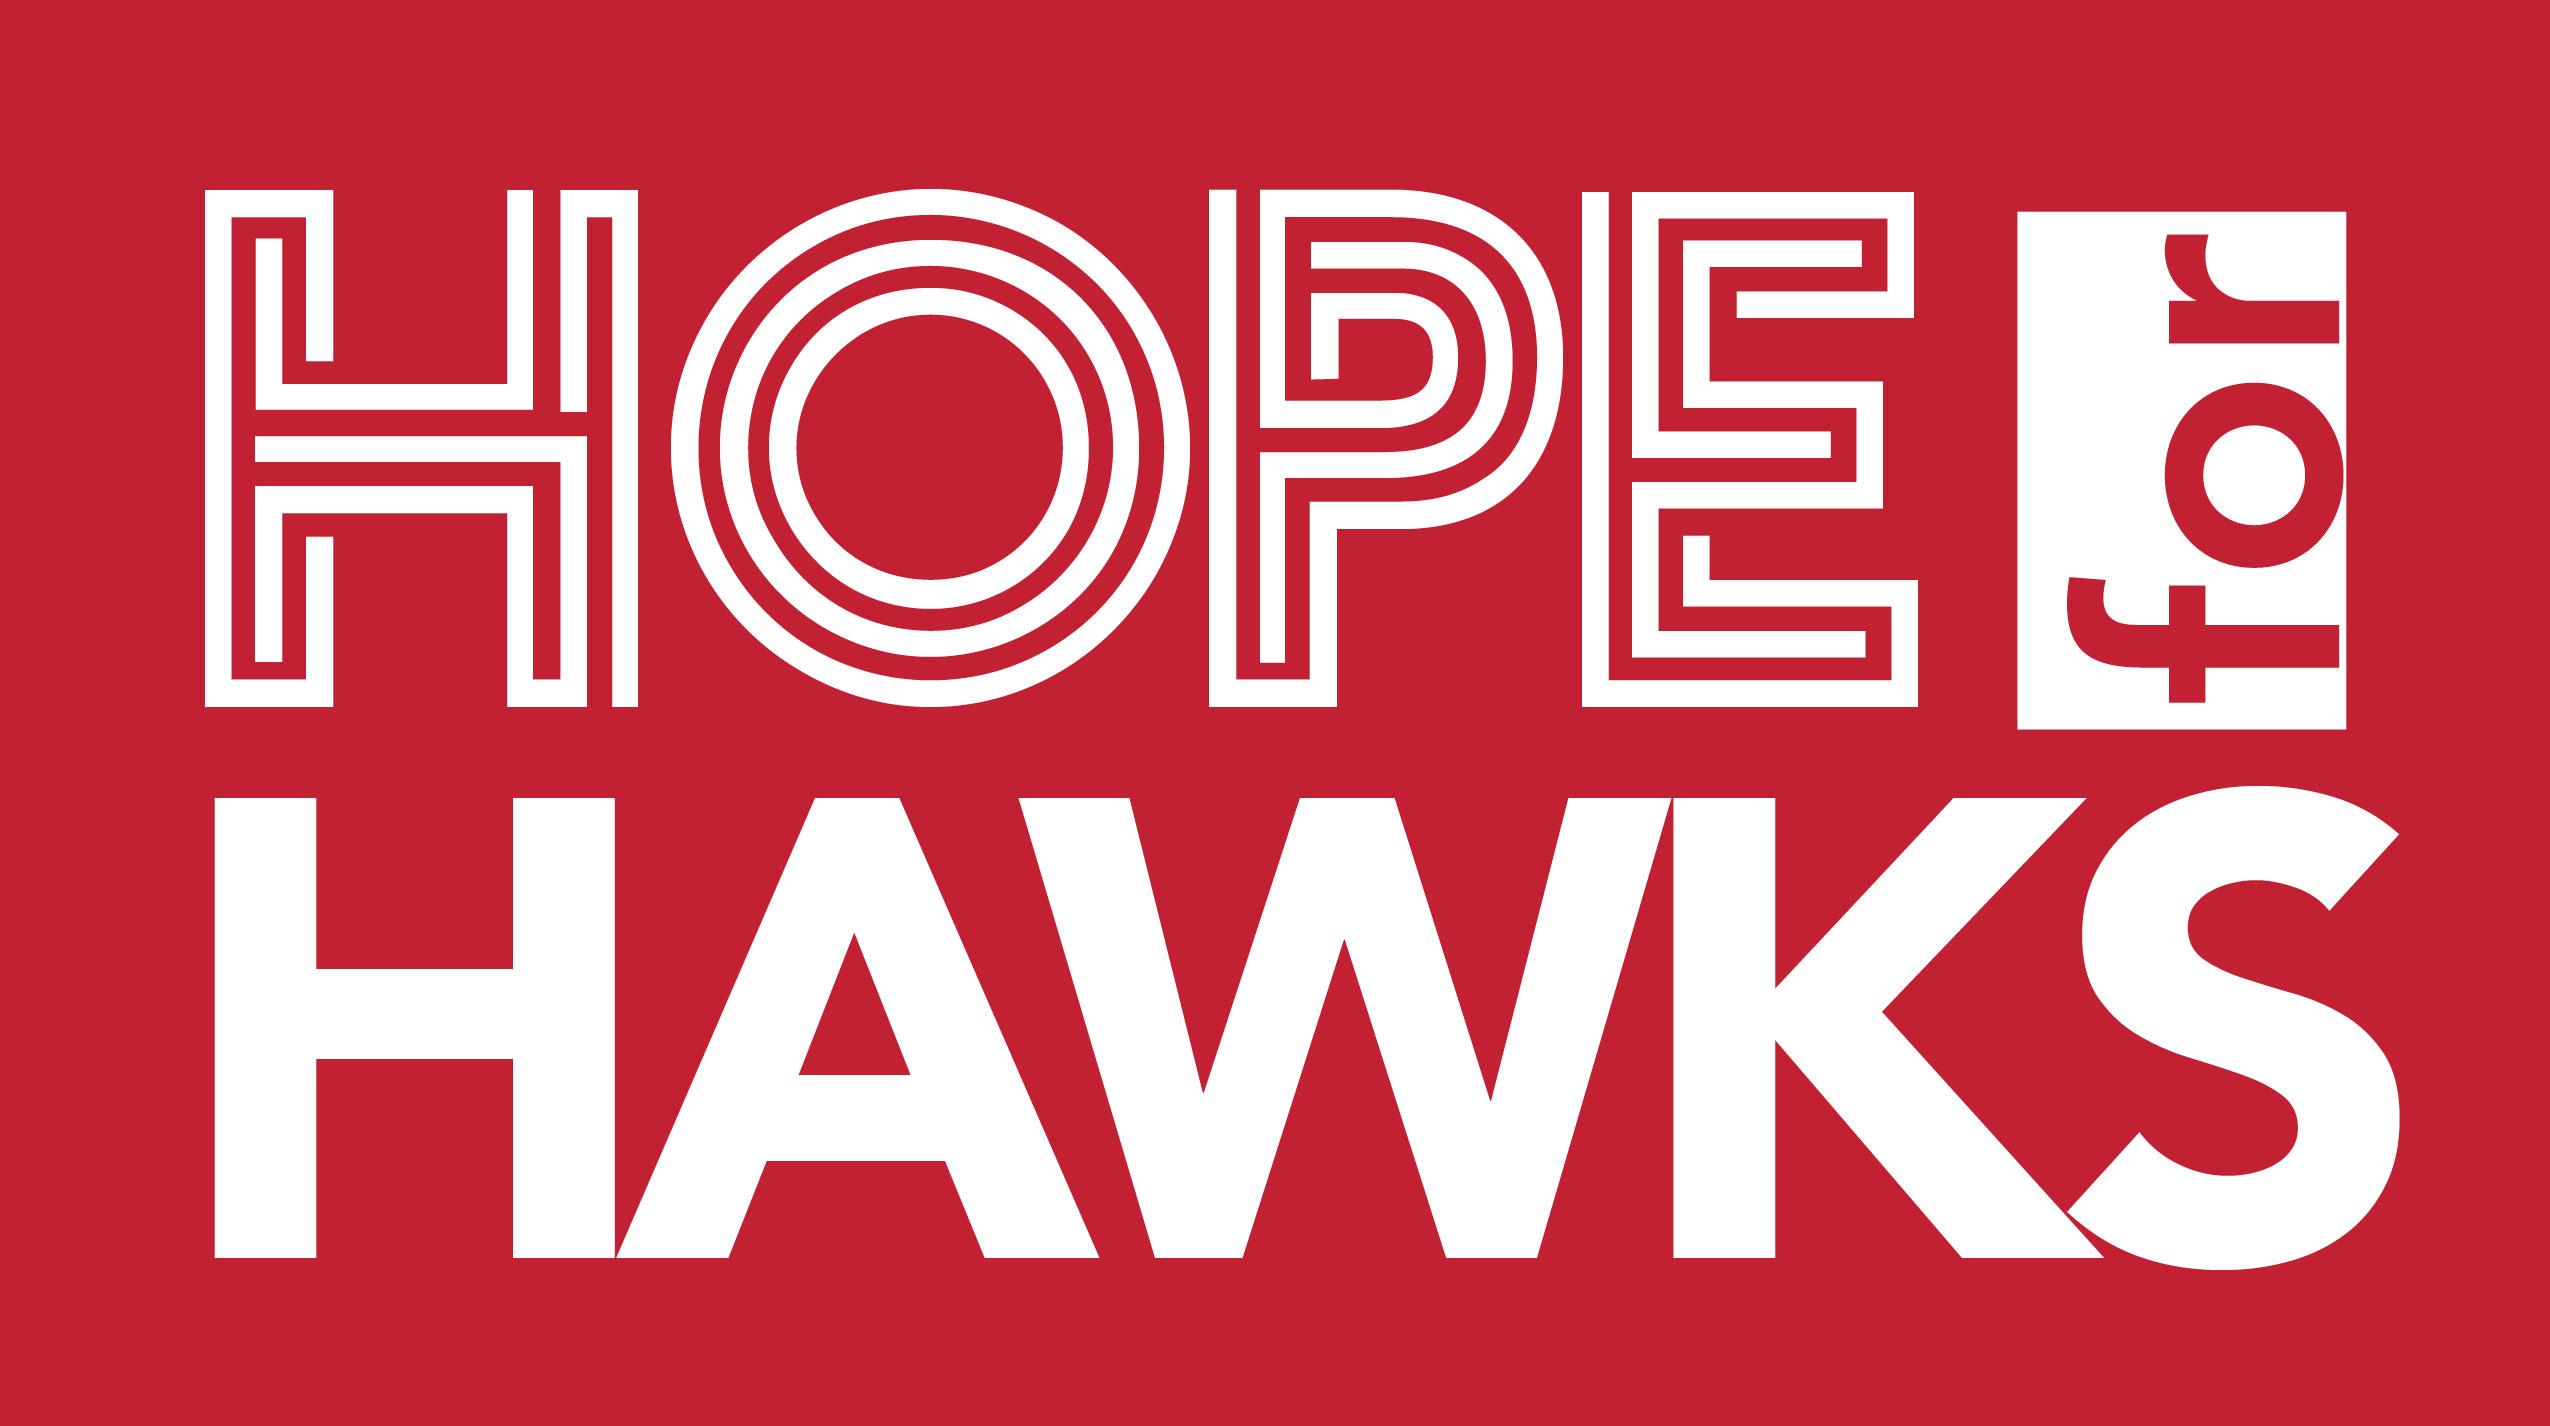 Hope for Hawks logo